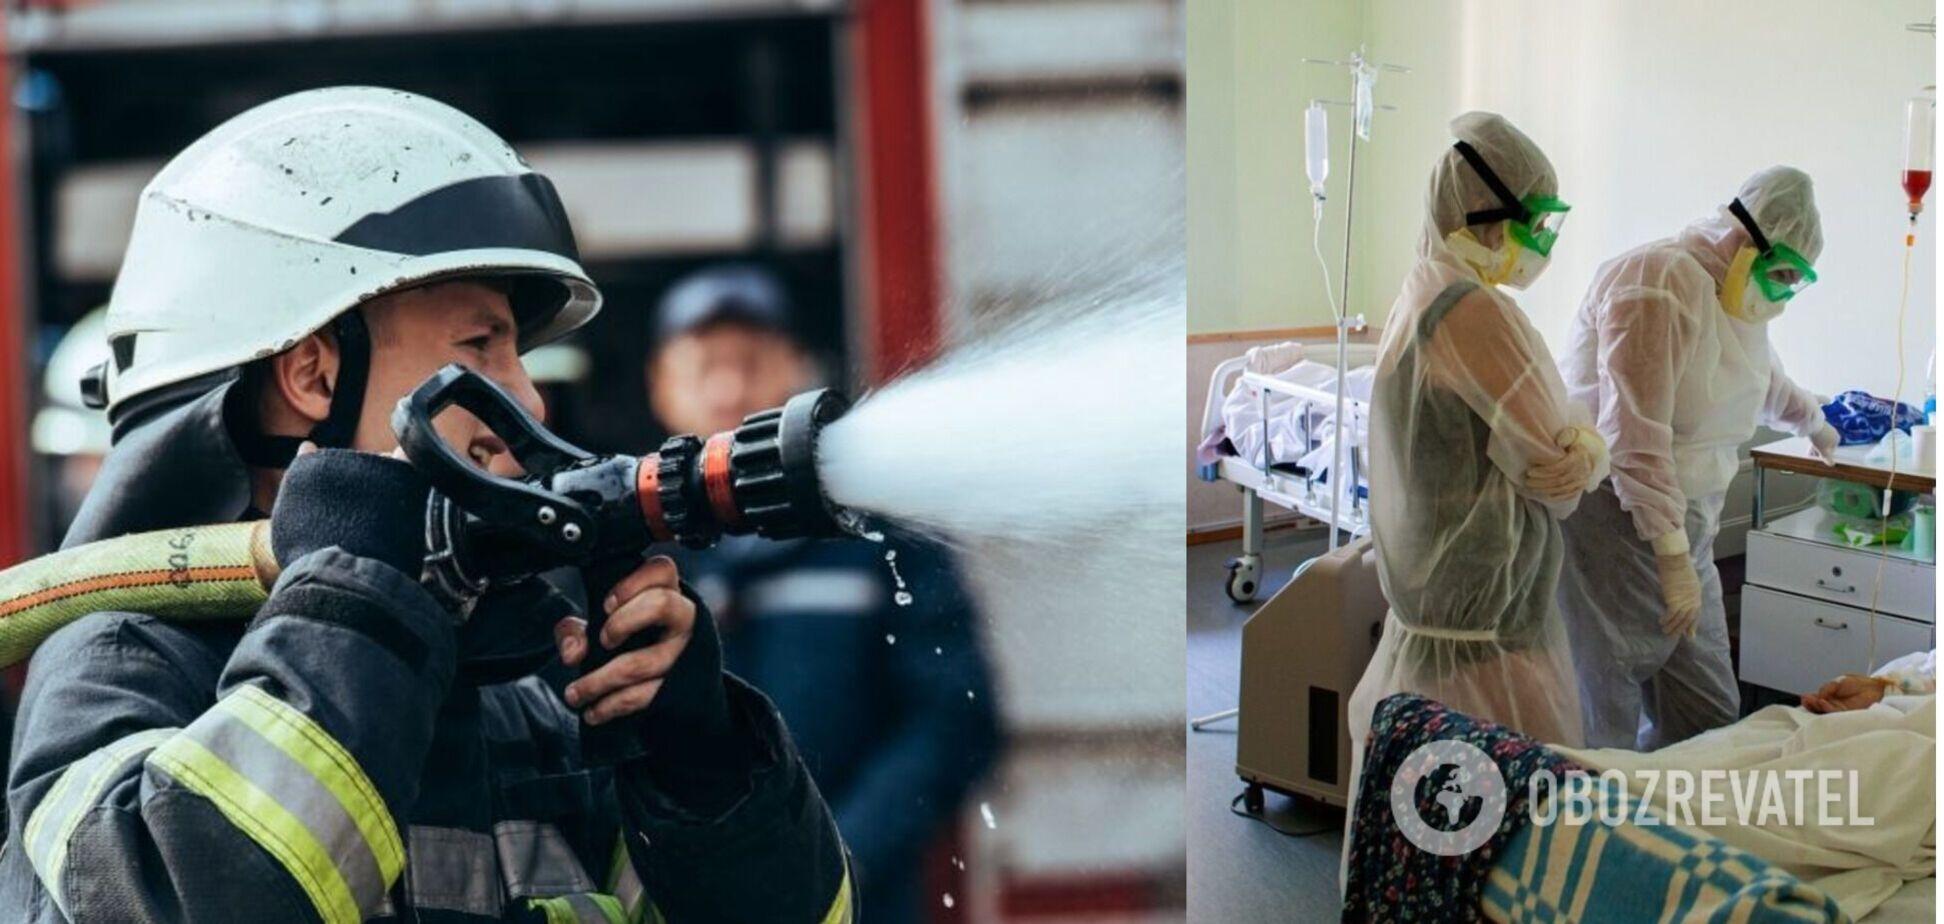 У Росії трапилася смертельна пожежа в COVID-відділенні лікарні: вогонь спалахнув через зарядку